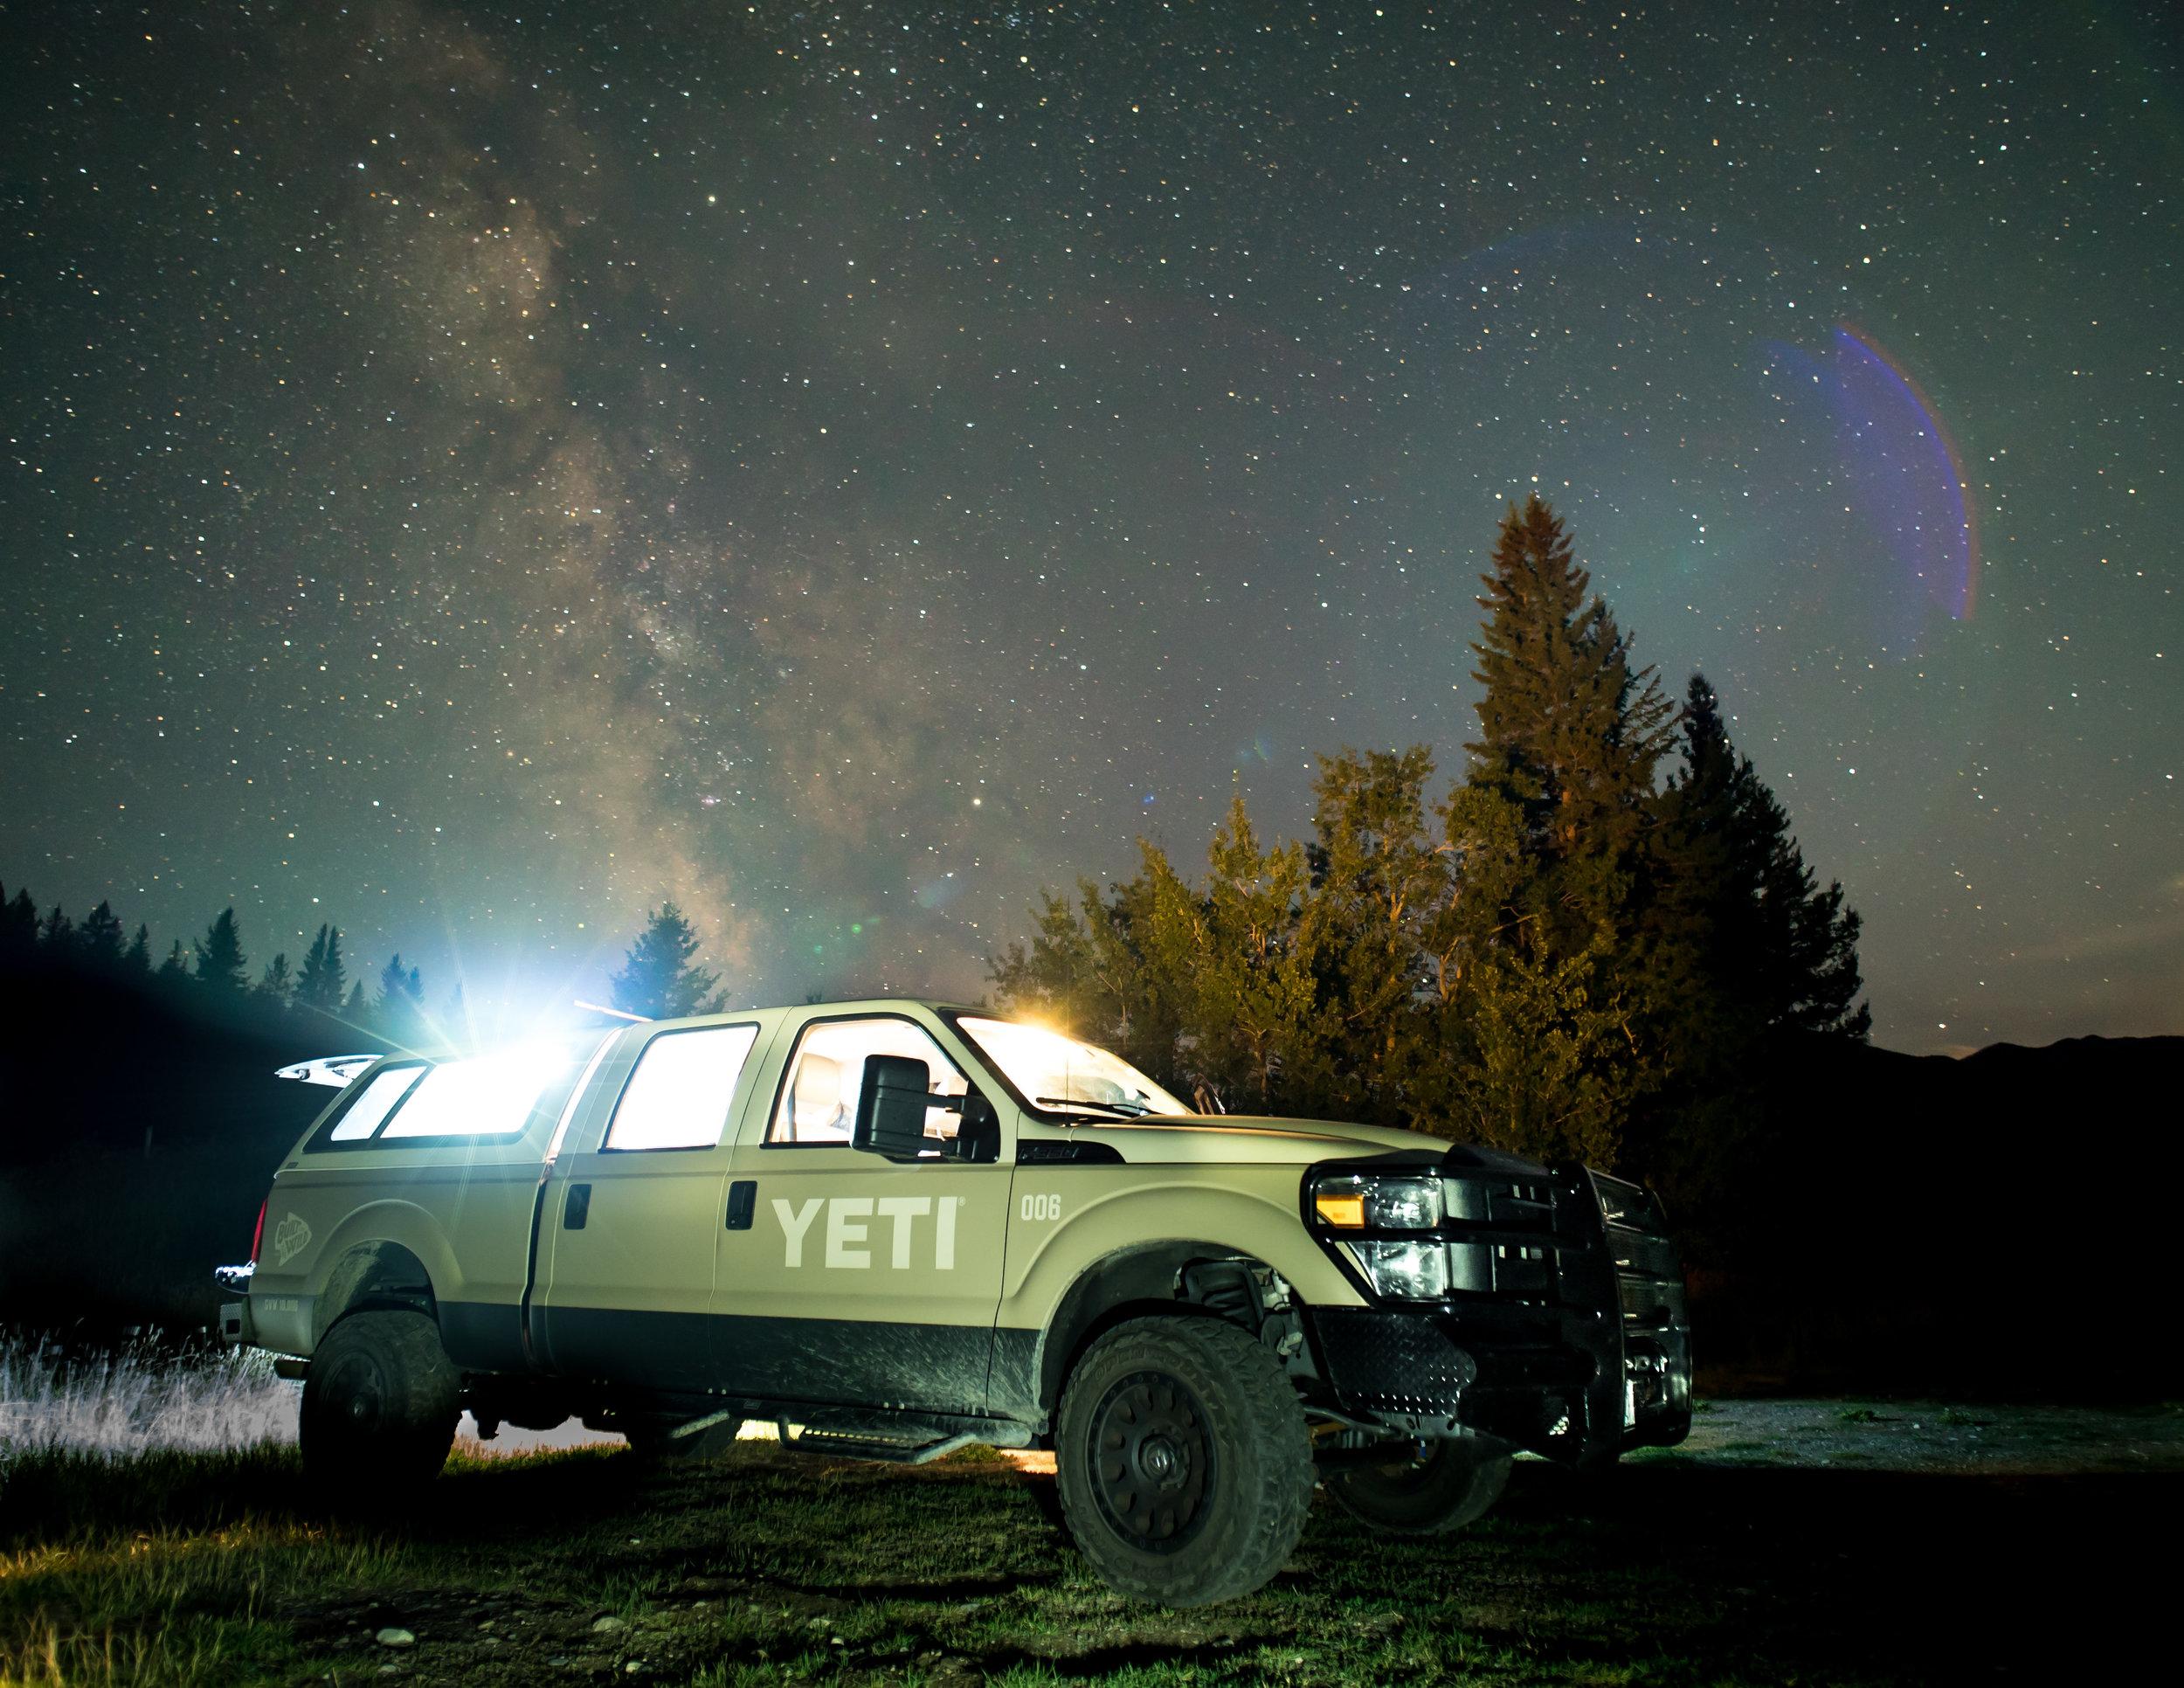 yeti truck astro.jpg